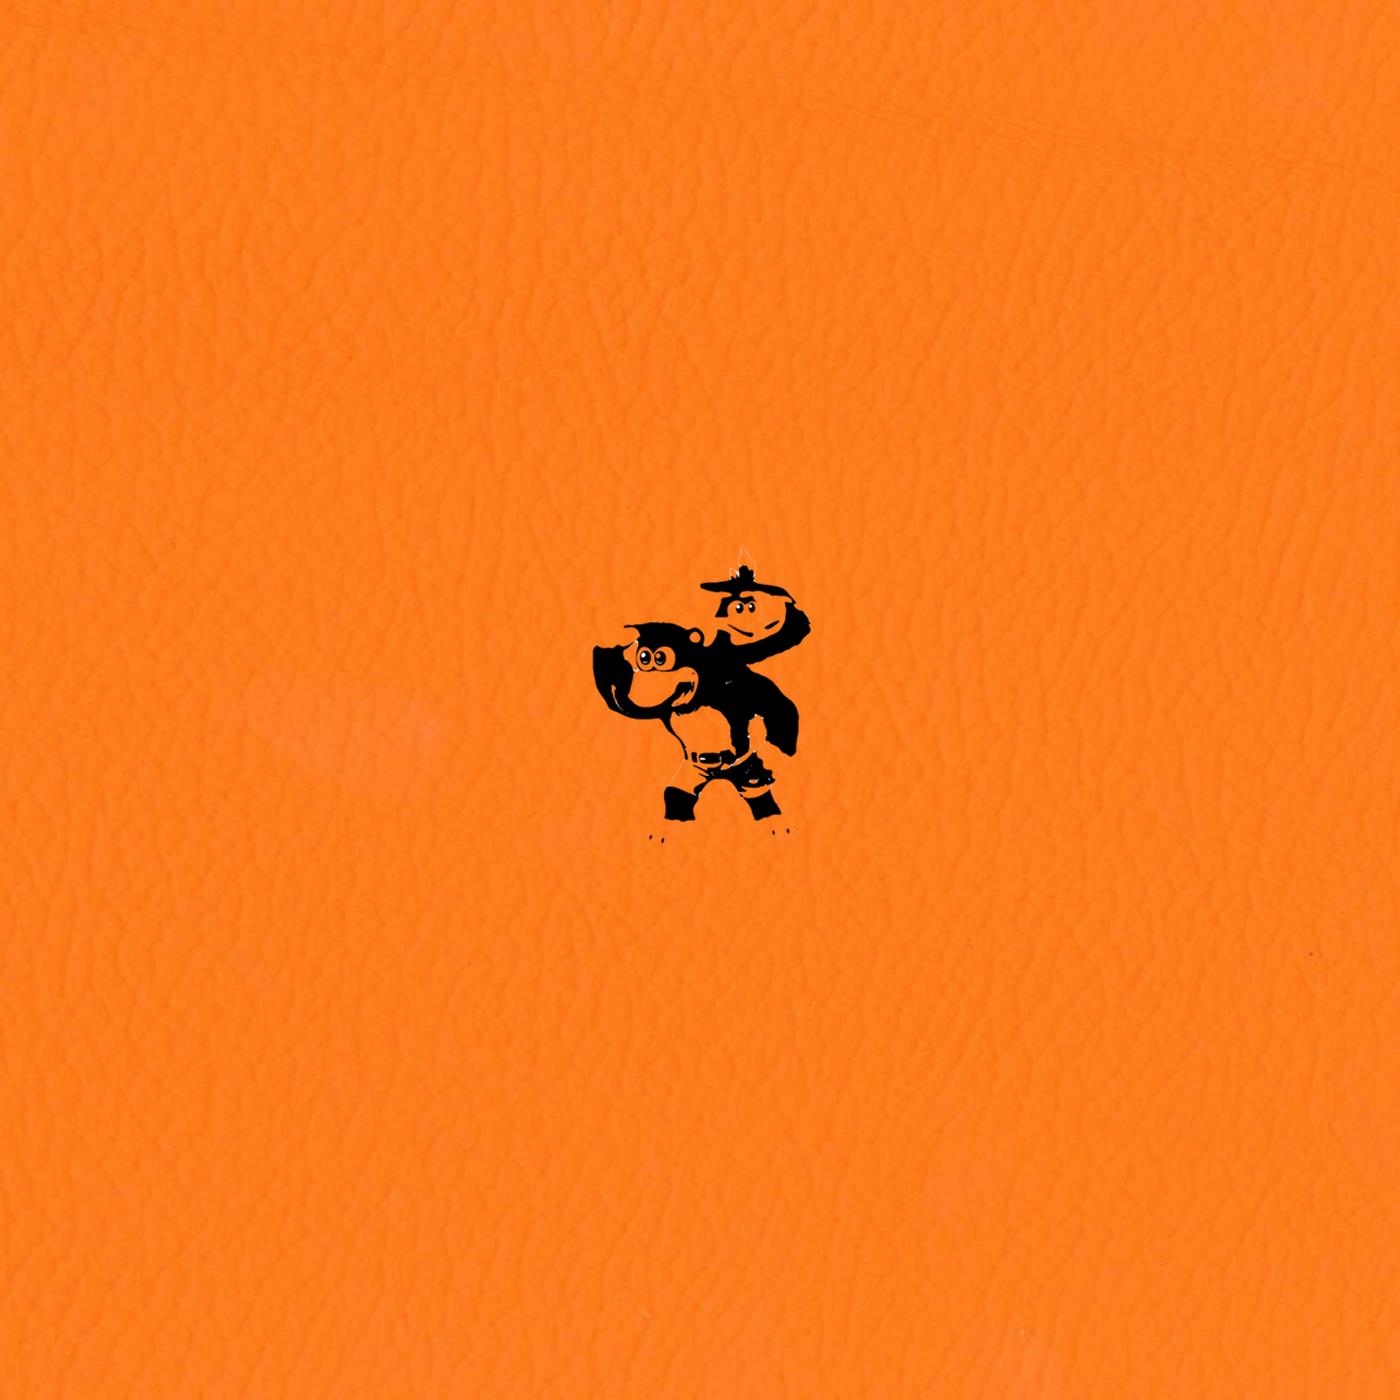 Beau Ambien - 'Kazooie' [Club Moss 009]